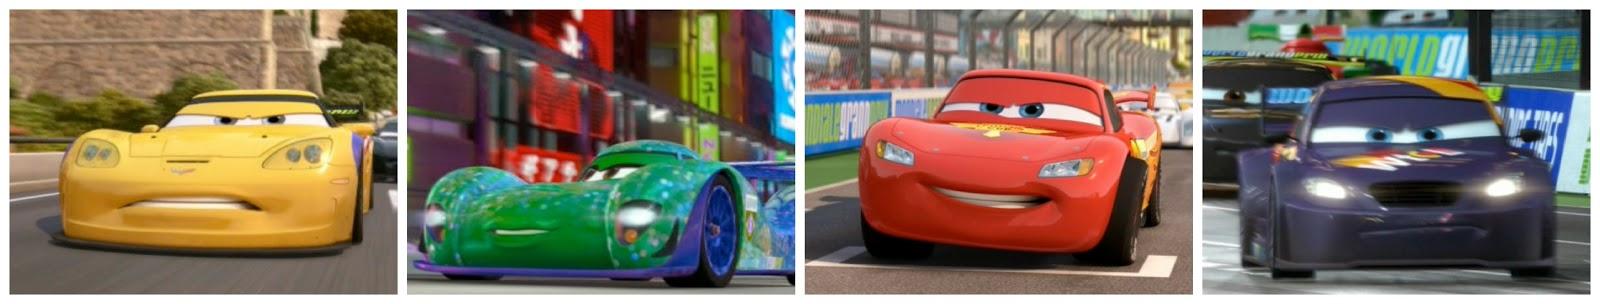 Dan The Pixar Fan Cars 2 Racing 4 Pack Jeff Gorvette Carla